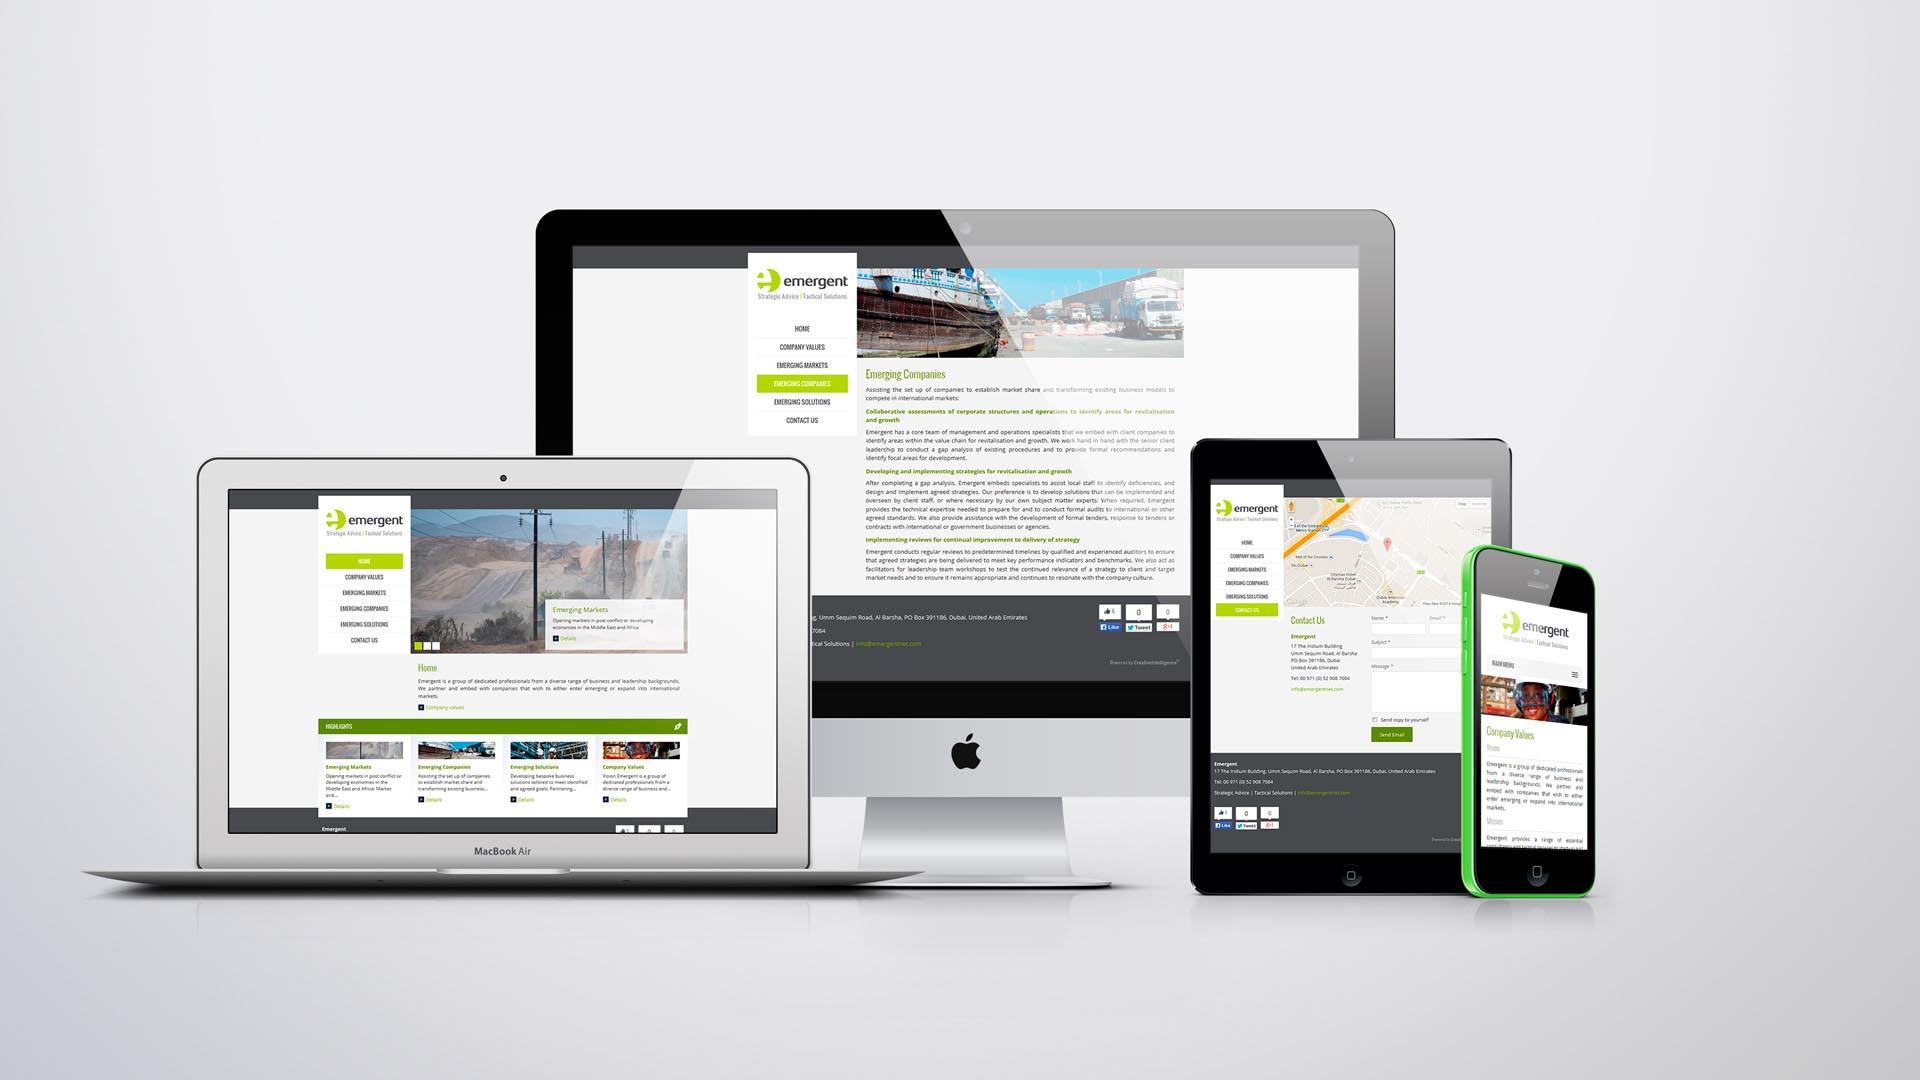 emergent_web.jpg